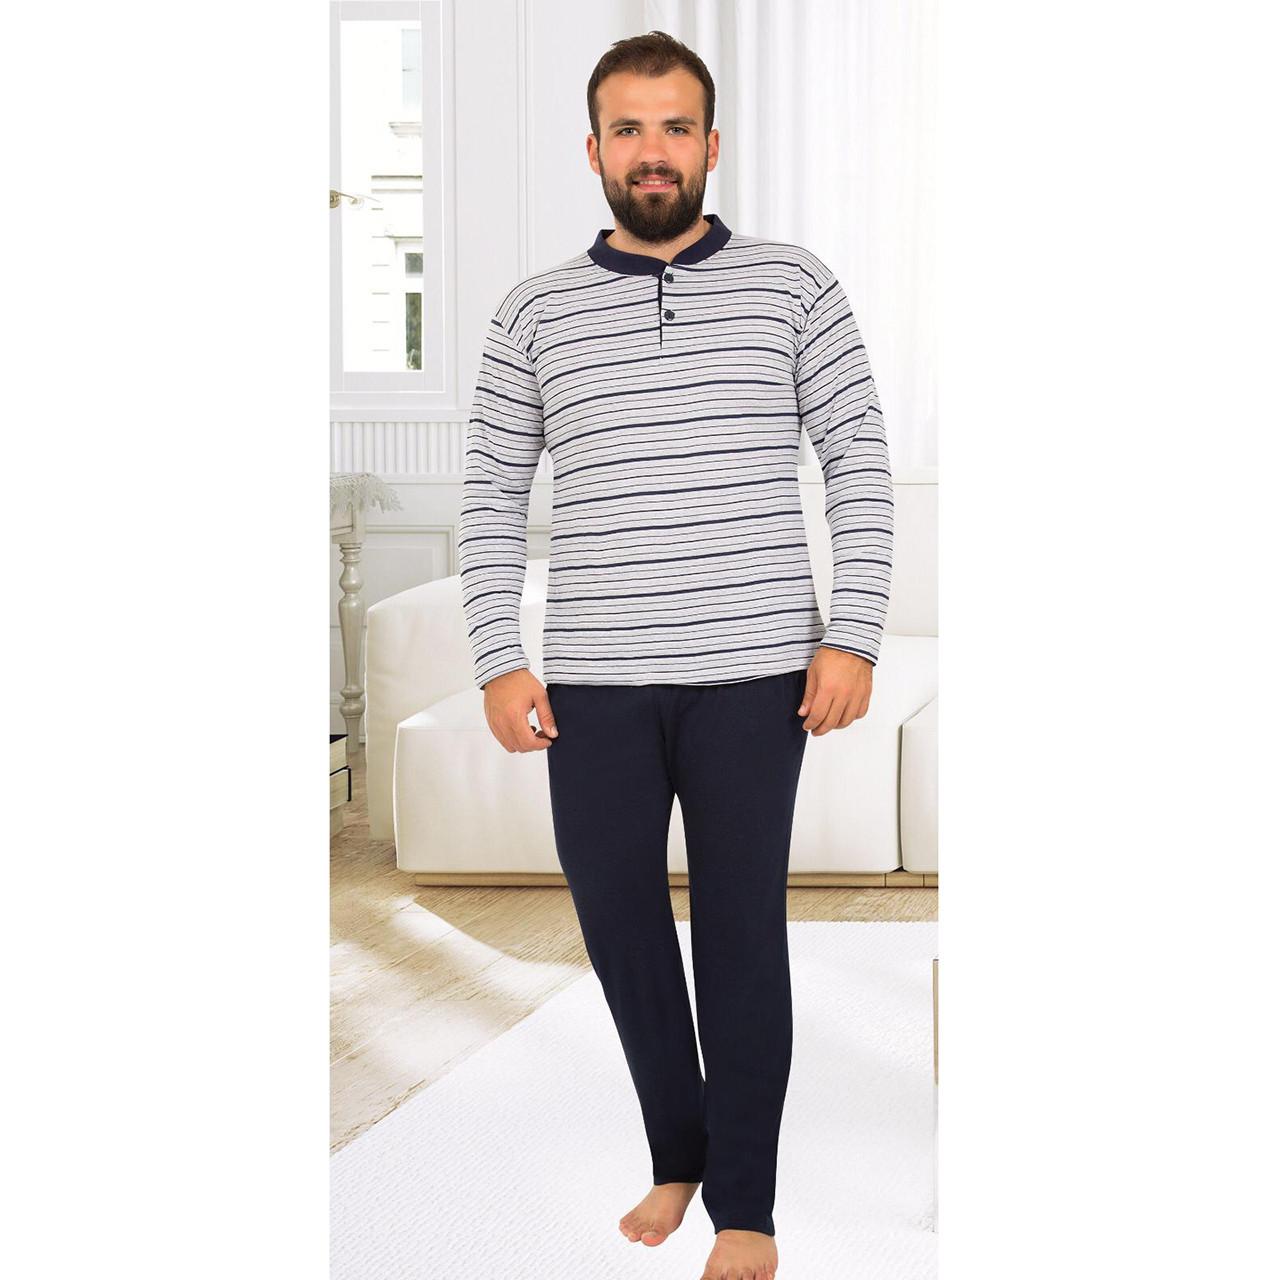 Пижама мужская хлопковая с брюками Seyko костюм для дома 820